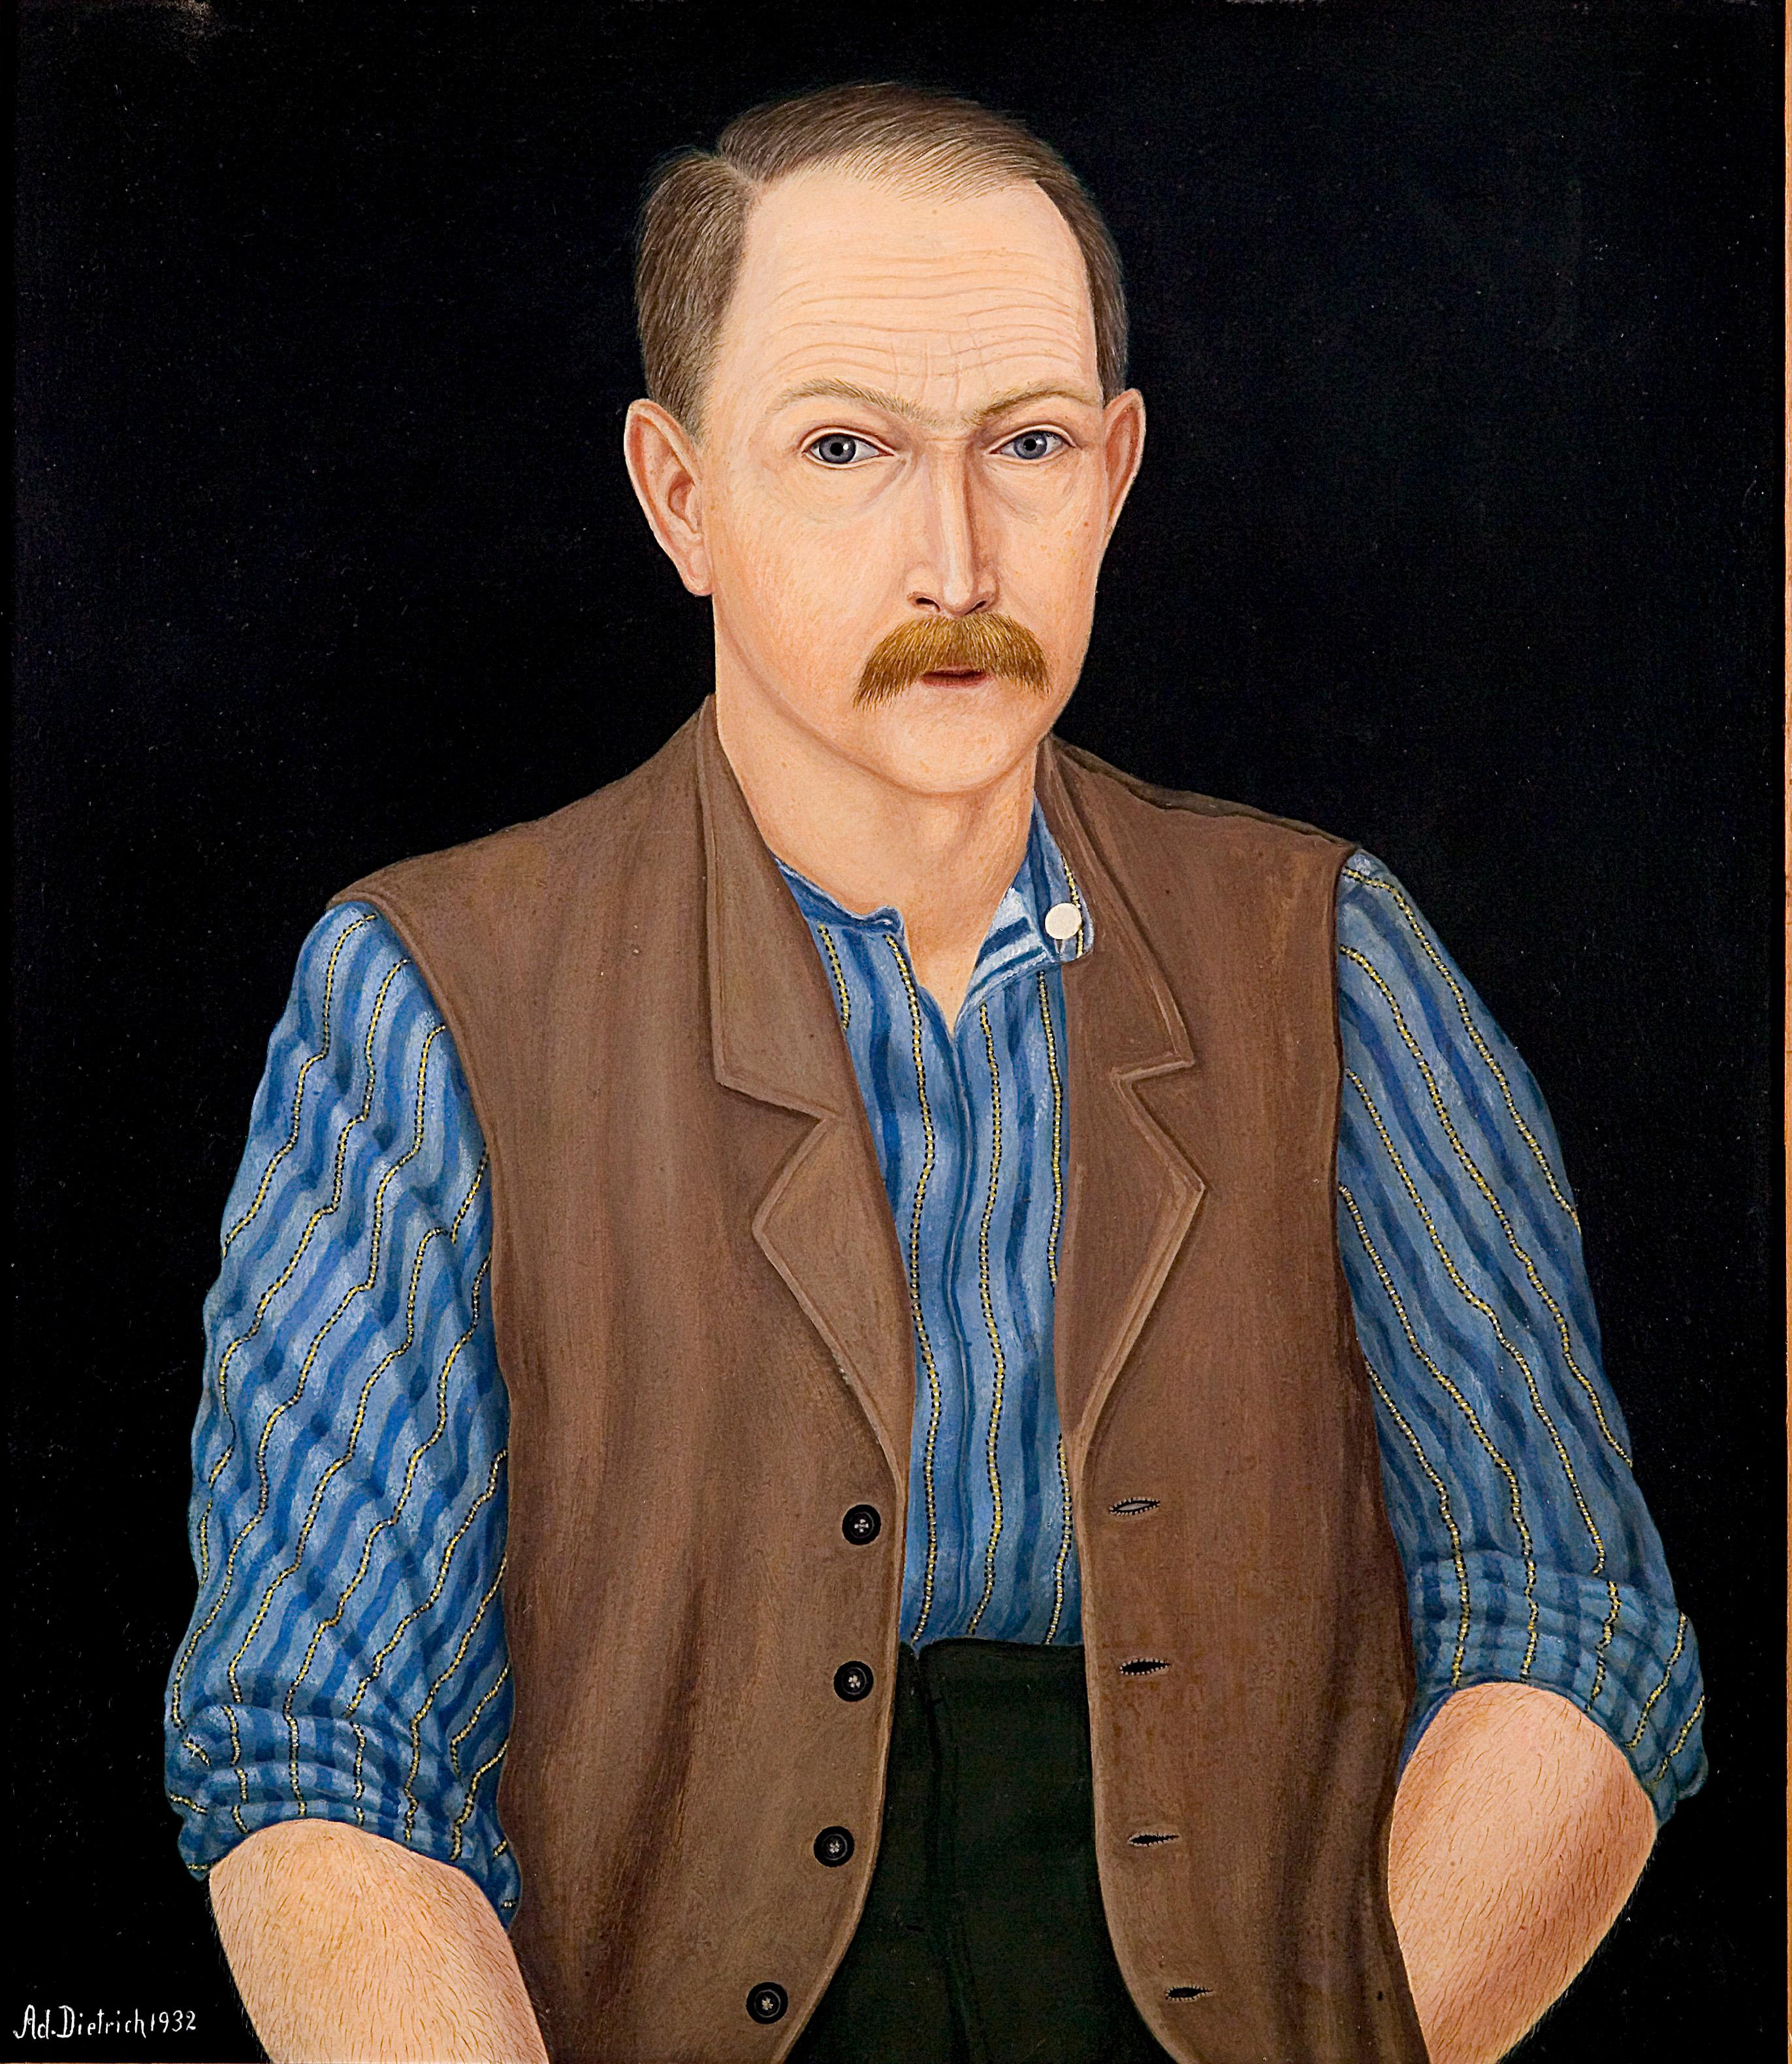 Adolf Dietrich, Selbstporträt, 1932, Öl auf Karton, 64 x 56 cm © VG Bild-Kunst Bonn, 2021; Thurgauische Kunstgesellschaft